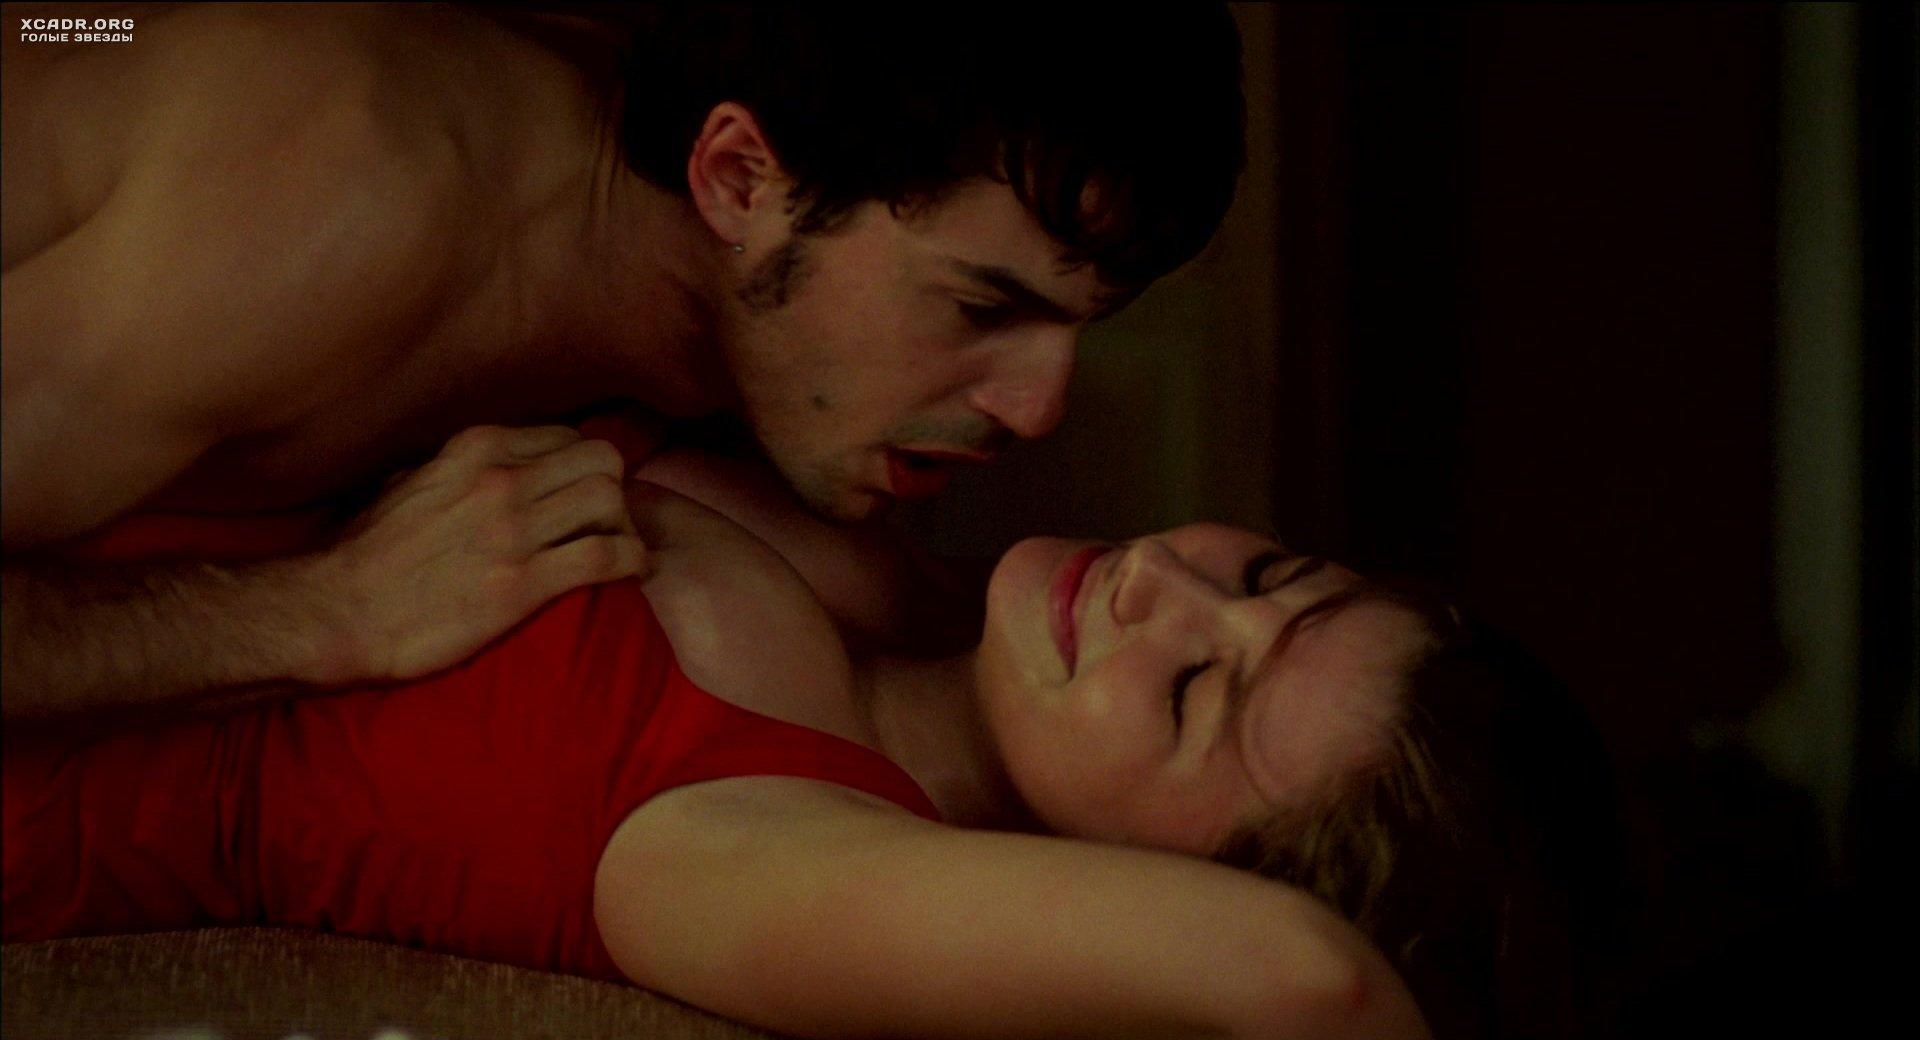 Красивый секс с Аной де Армас – Секс, вечеринки и ложь ...